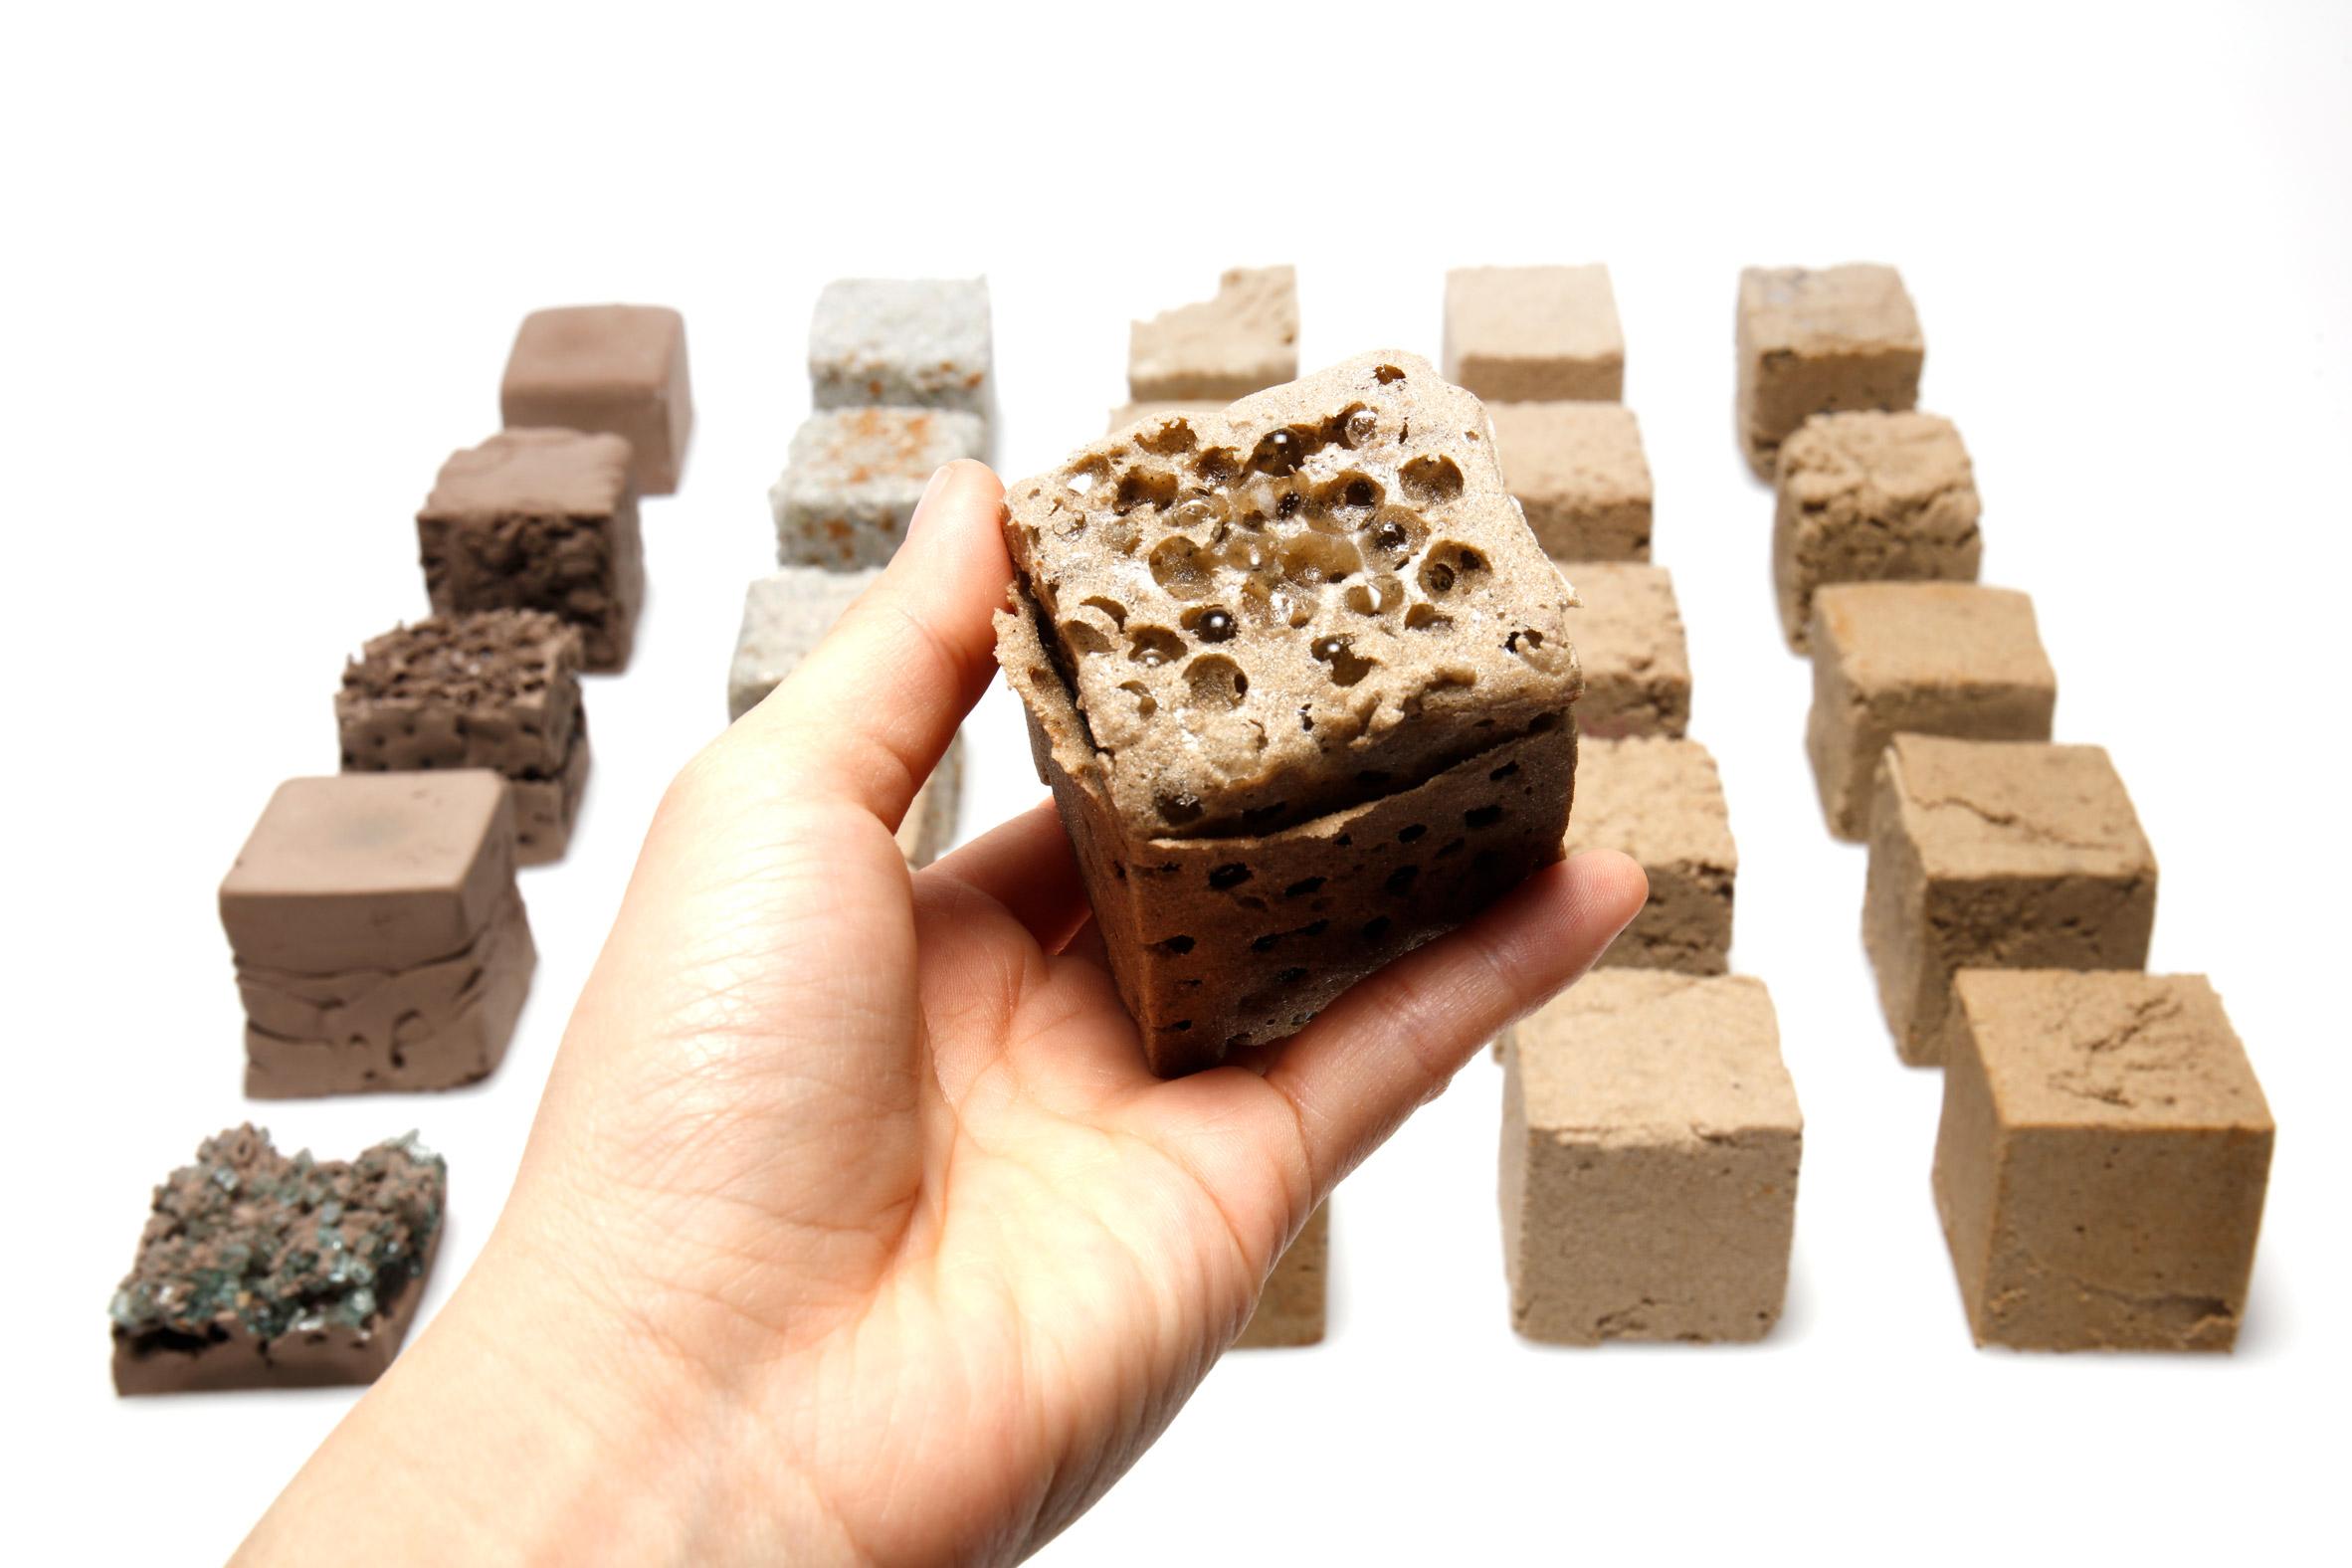 FINITE, il materiale composto da sabbia del deserto forte quanto il calcestruzzo